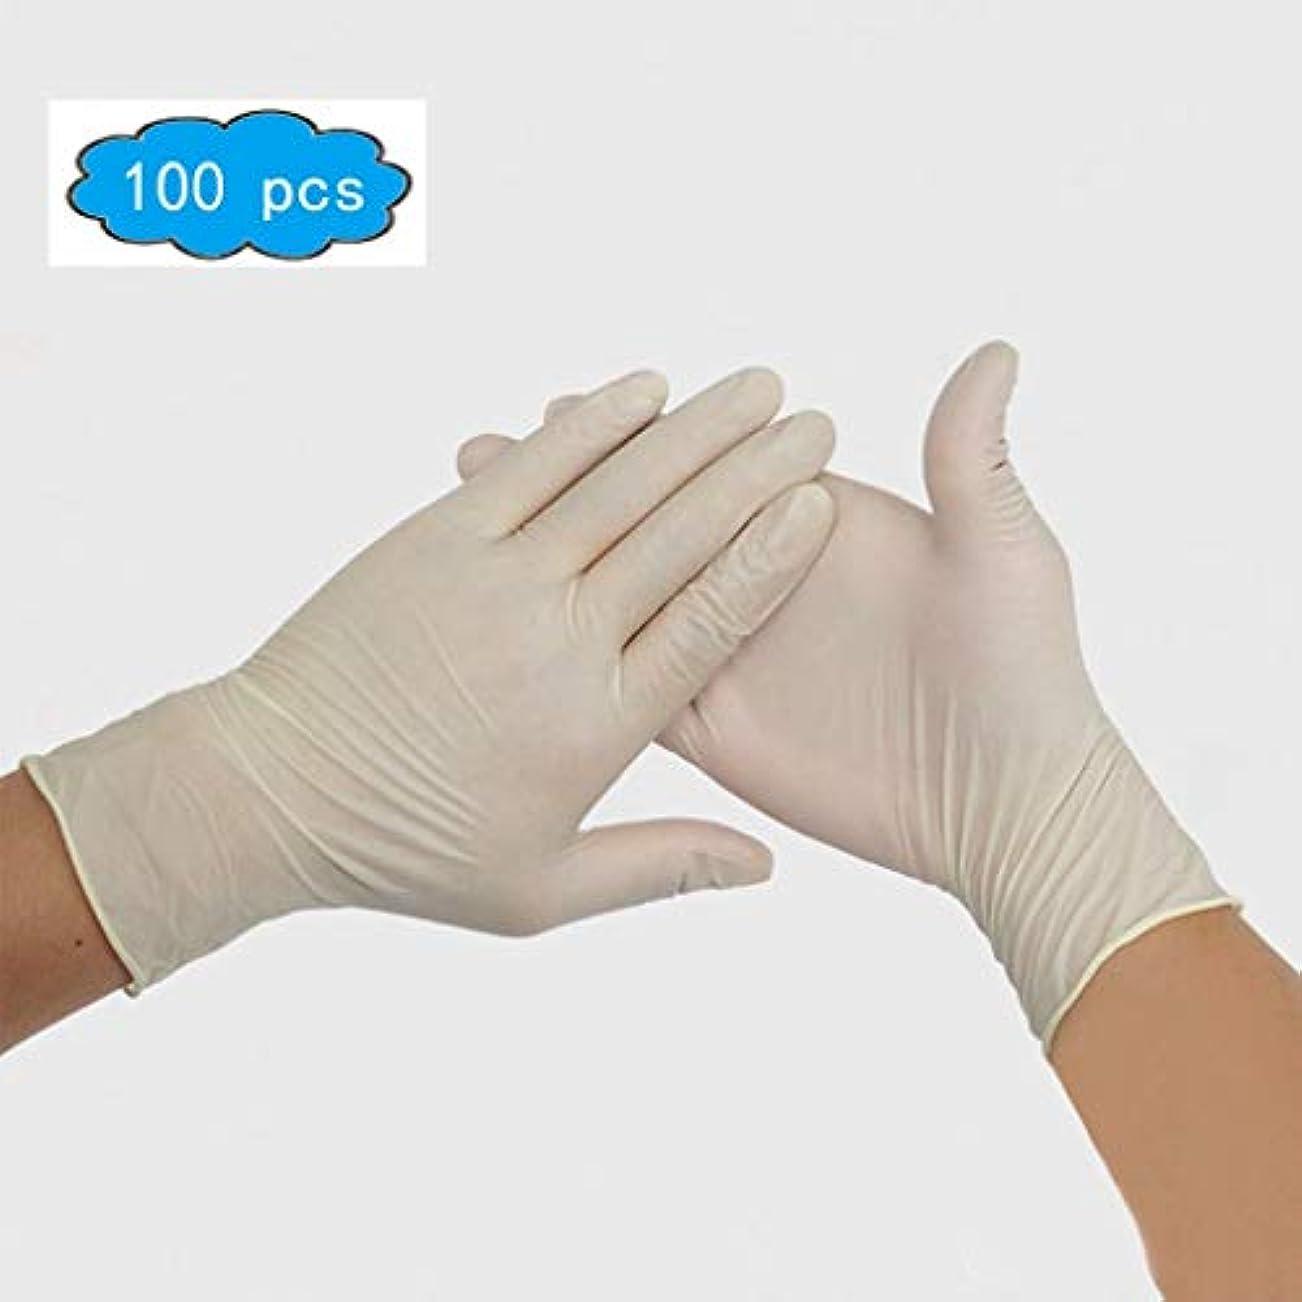 ソロ店主ディレクター使い捨て安全手袋、ラテックス手袋、無菌、パウダーフリー、滑らかな接触、食品等級、大型[100パック]家庭用品 (Color : Milky, Size : M)